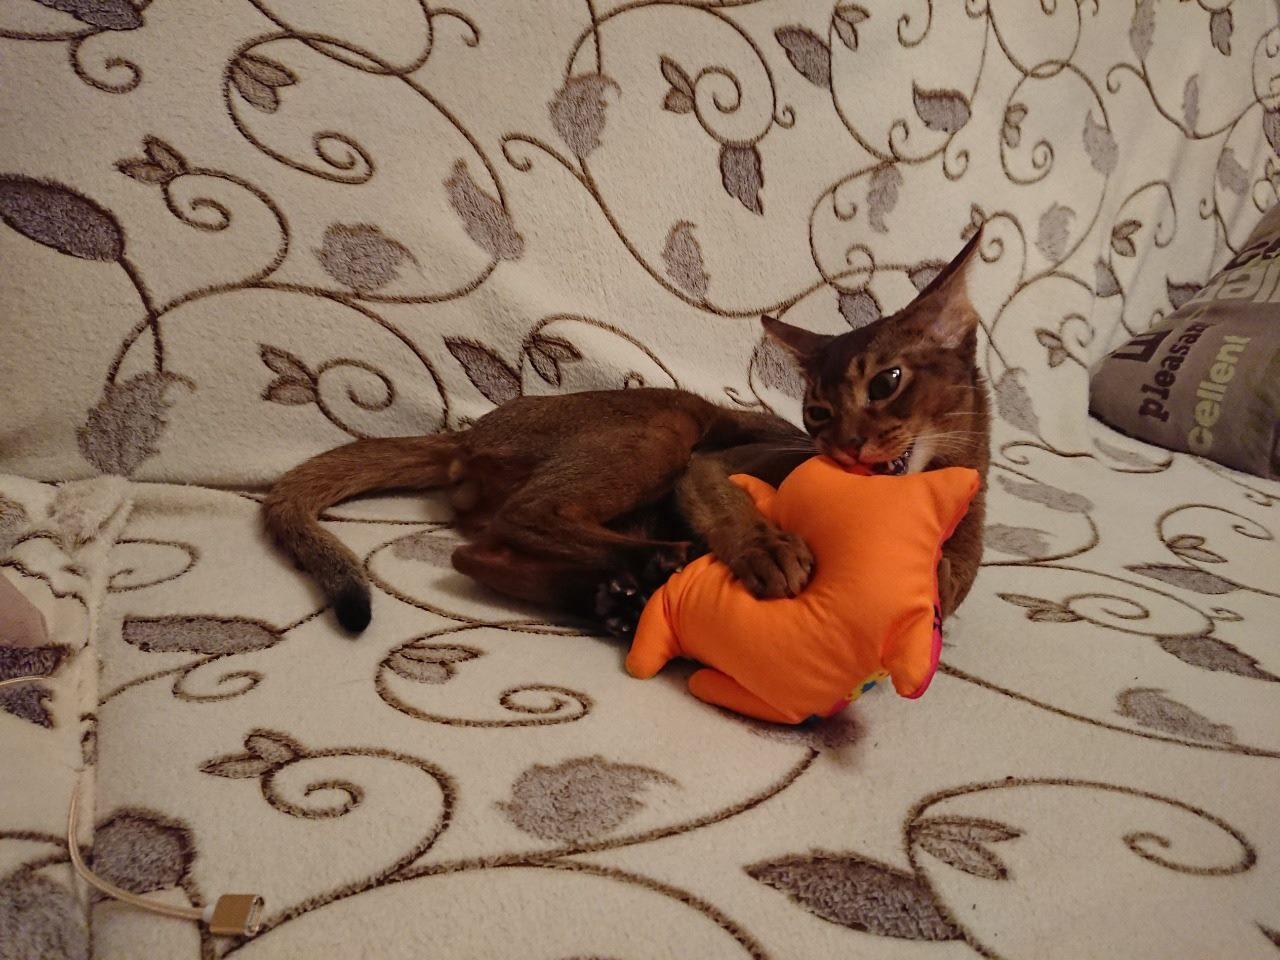 фото Брутальный акробат и просто красавец абиссинской породы: кот-блогер Макс стал шестым «Главным котиком Новосибирска» 3